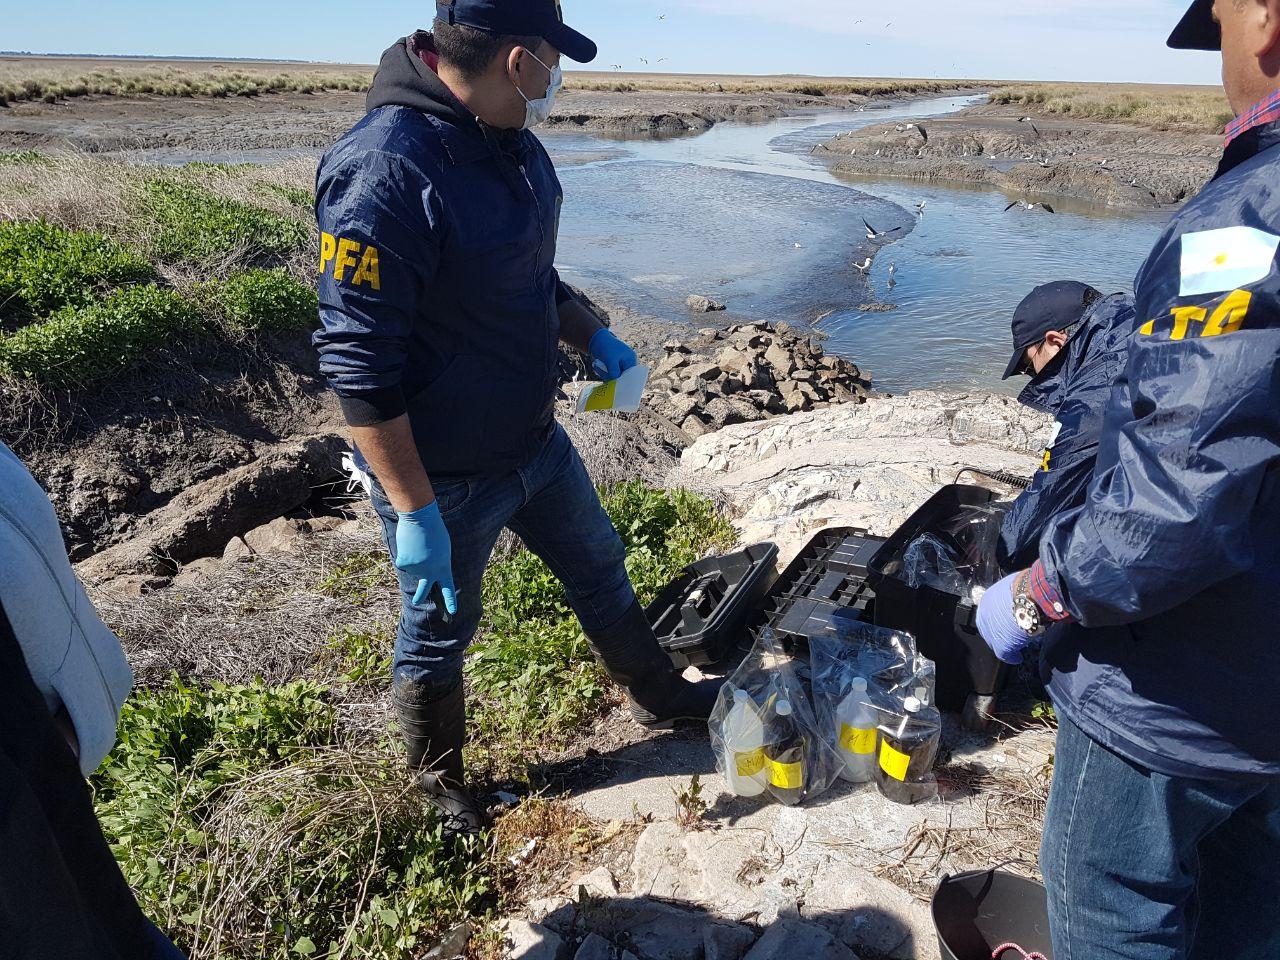 Se tomaron muestras de vertidos líquidos, tanto en el interior de la plantas como sobre la ría, y también de peces y moluscos. - Fotos: Prefectura Naval y Policía Federal / Imágenes remitidas por la Fiscalía General de Bahía Blanca.